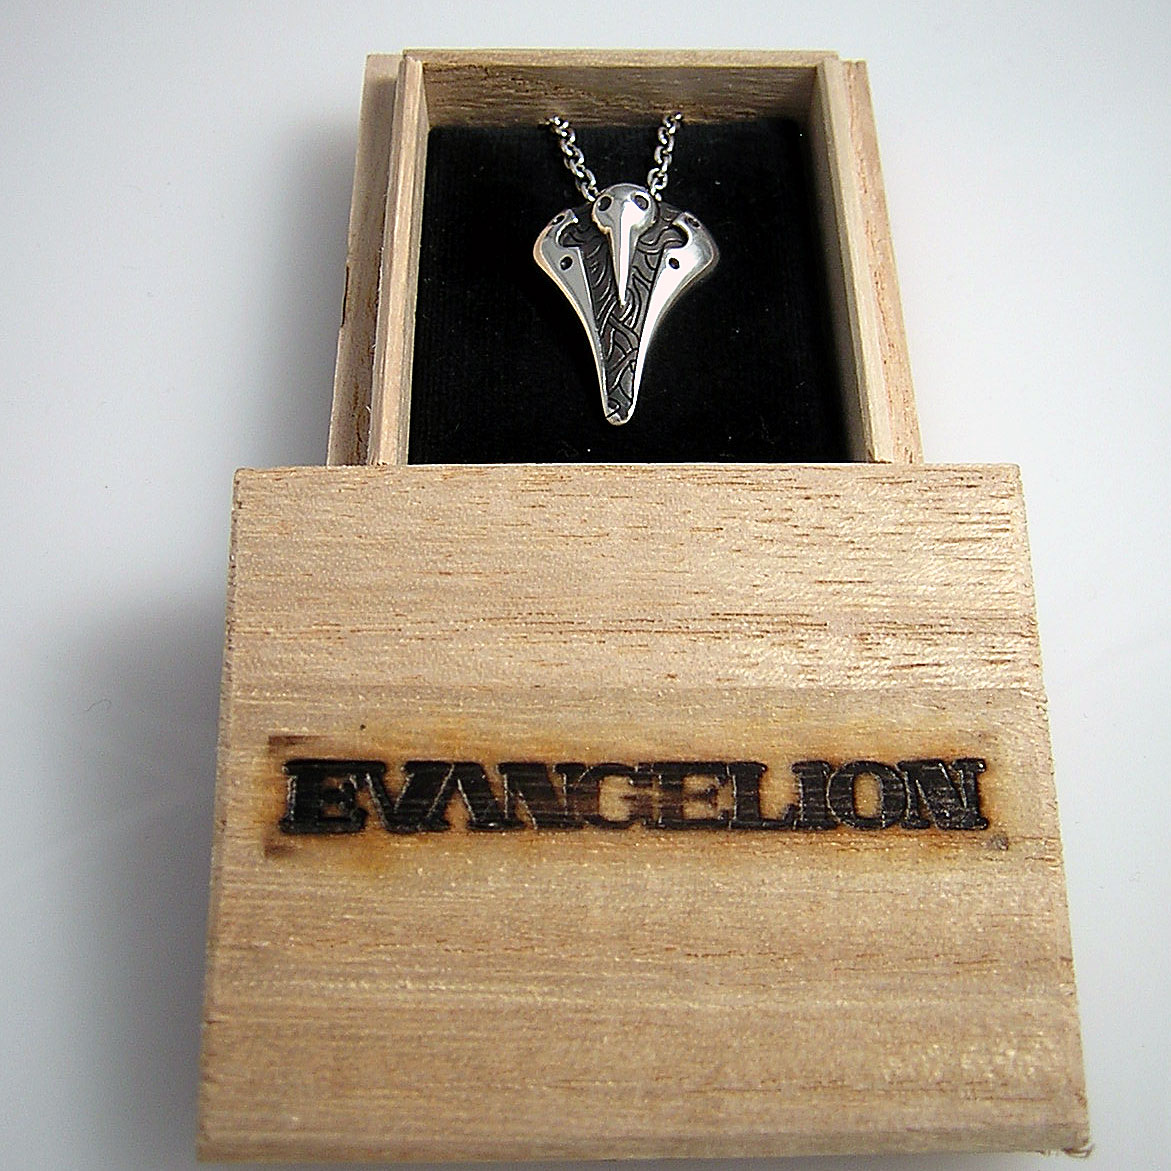 エヴァンゲリオンエヴァンゲリオンロゴの焼き印が入ったパッケージ